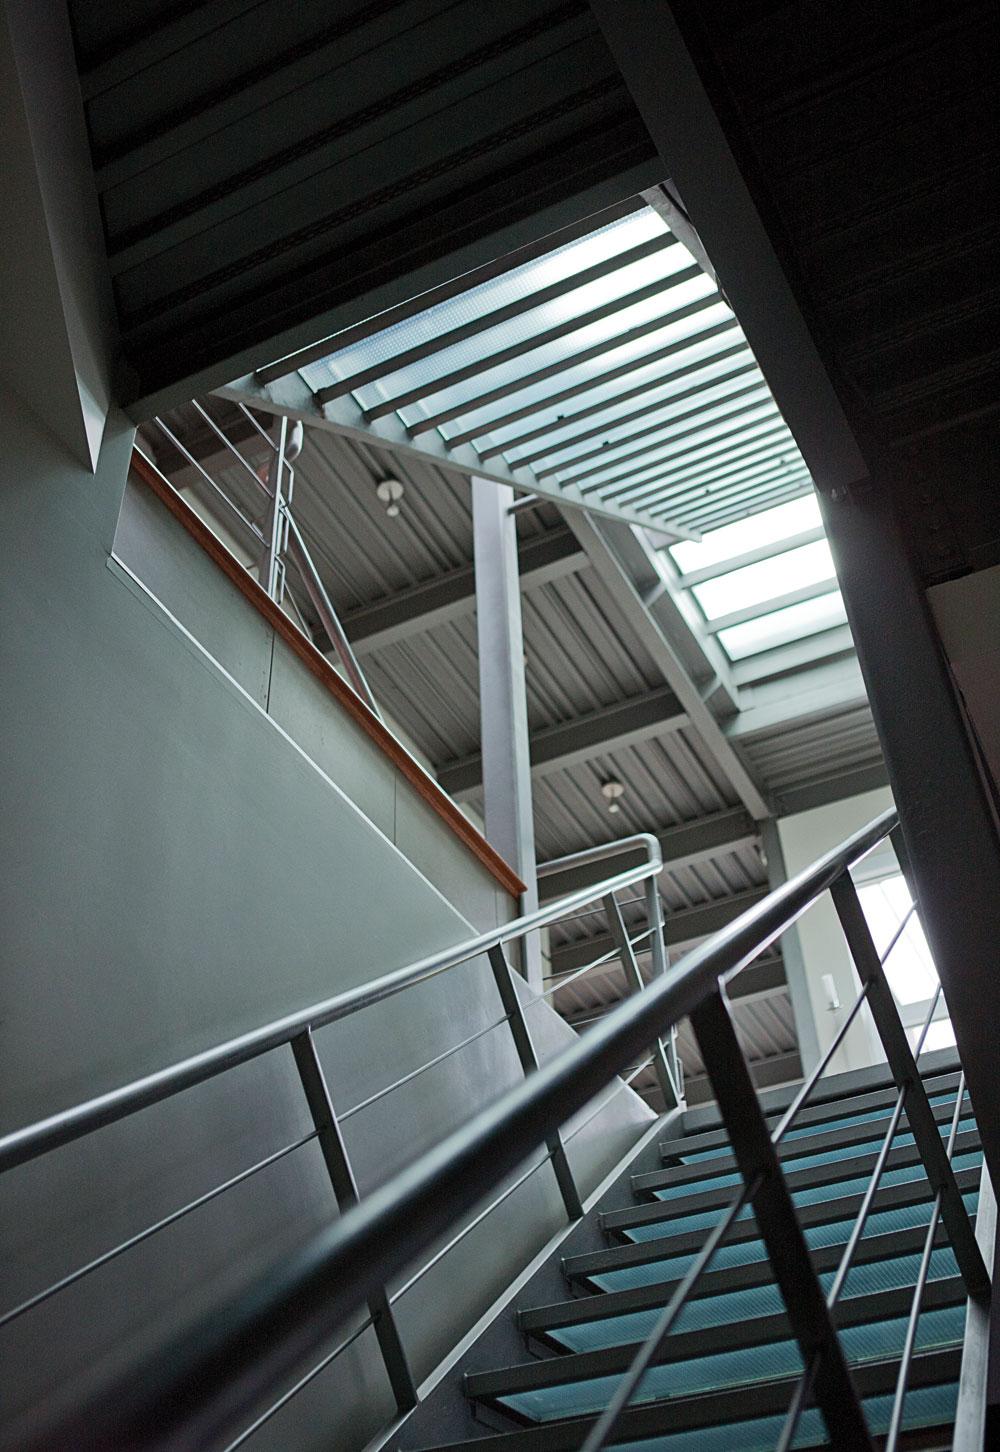 L'escalier aurait du être en inox, affirme le propriétaire, mais aurait coûté dans les six chiffres. Il est donc en acier, comme le plafond et d'autres éléments de la maison. À remarquer, les marches en verre trempé et l'absence de contre-marche.